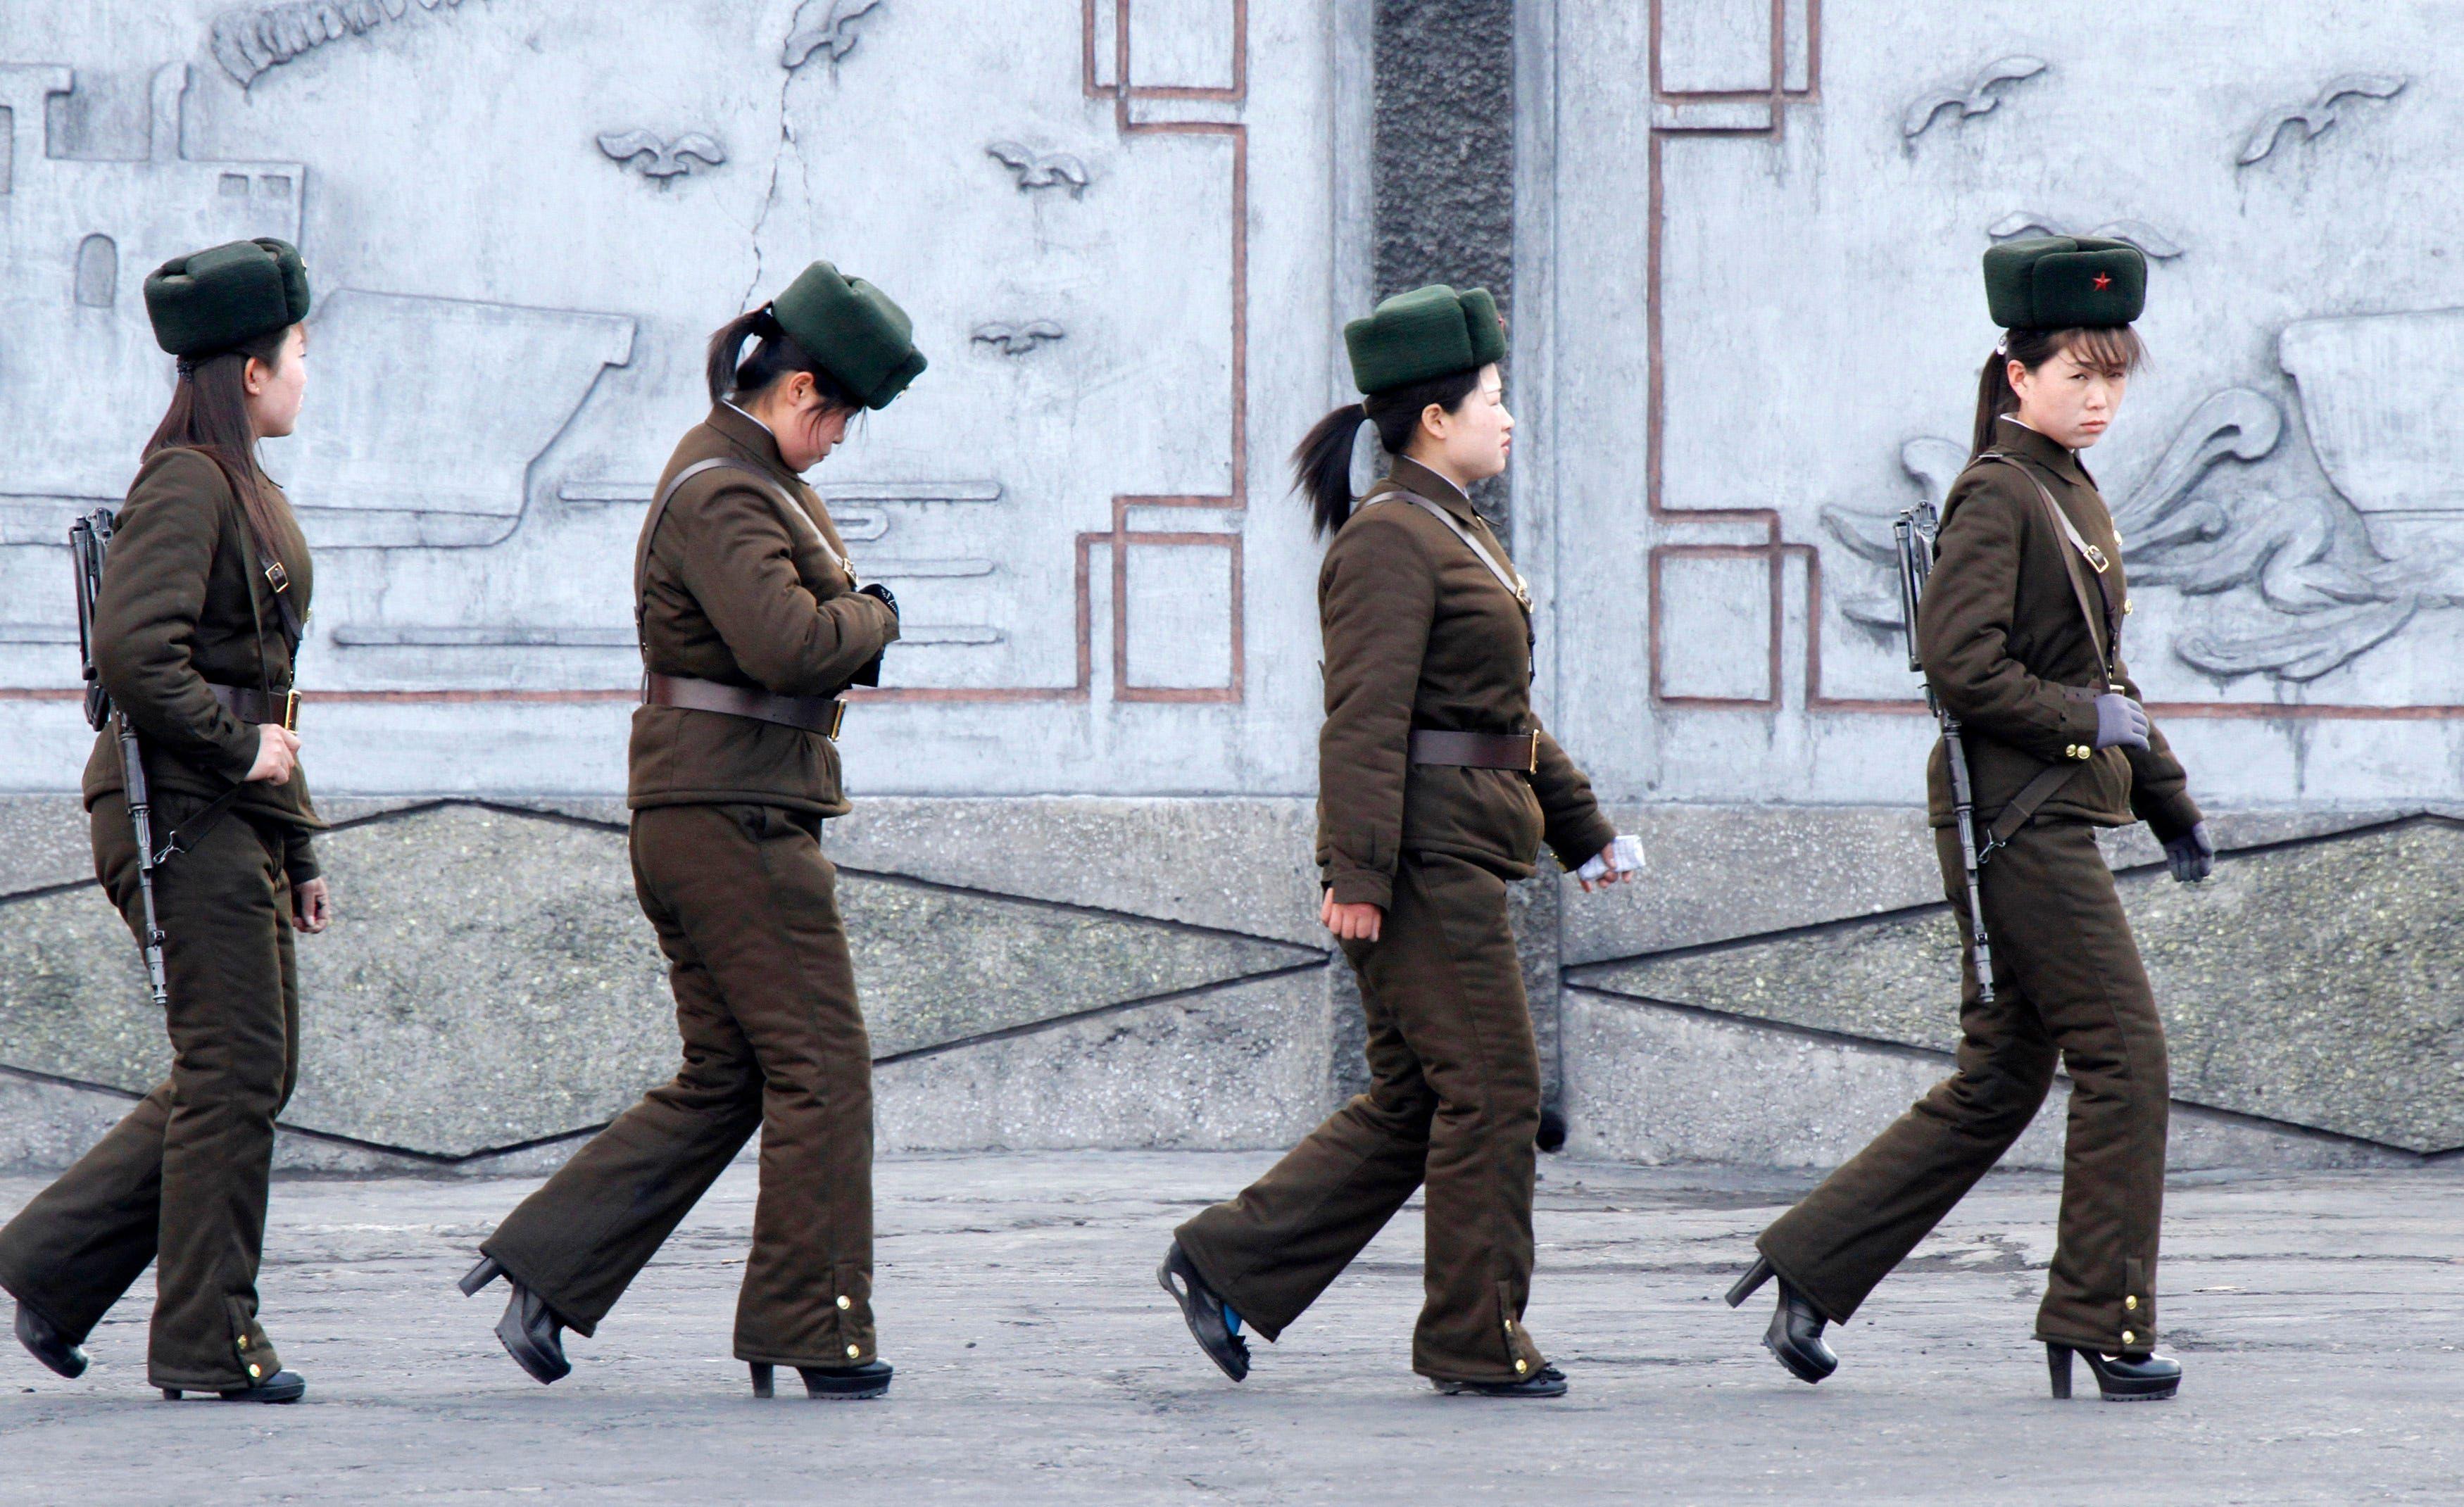 7 Aturan Ekstrem Berpakaian di Korea Utara yang Jarang Diketahui